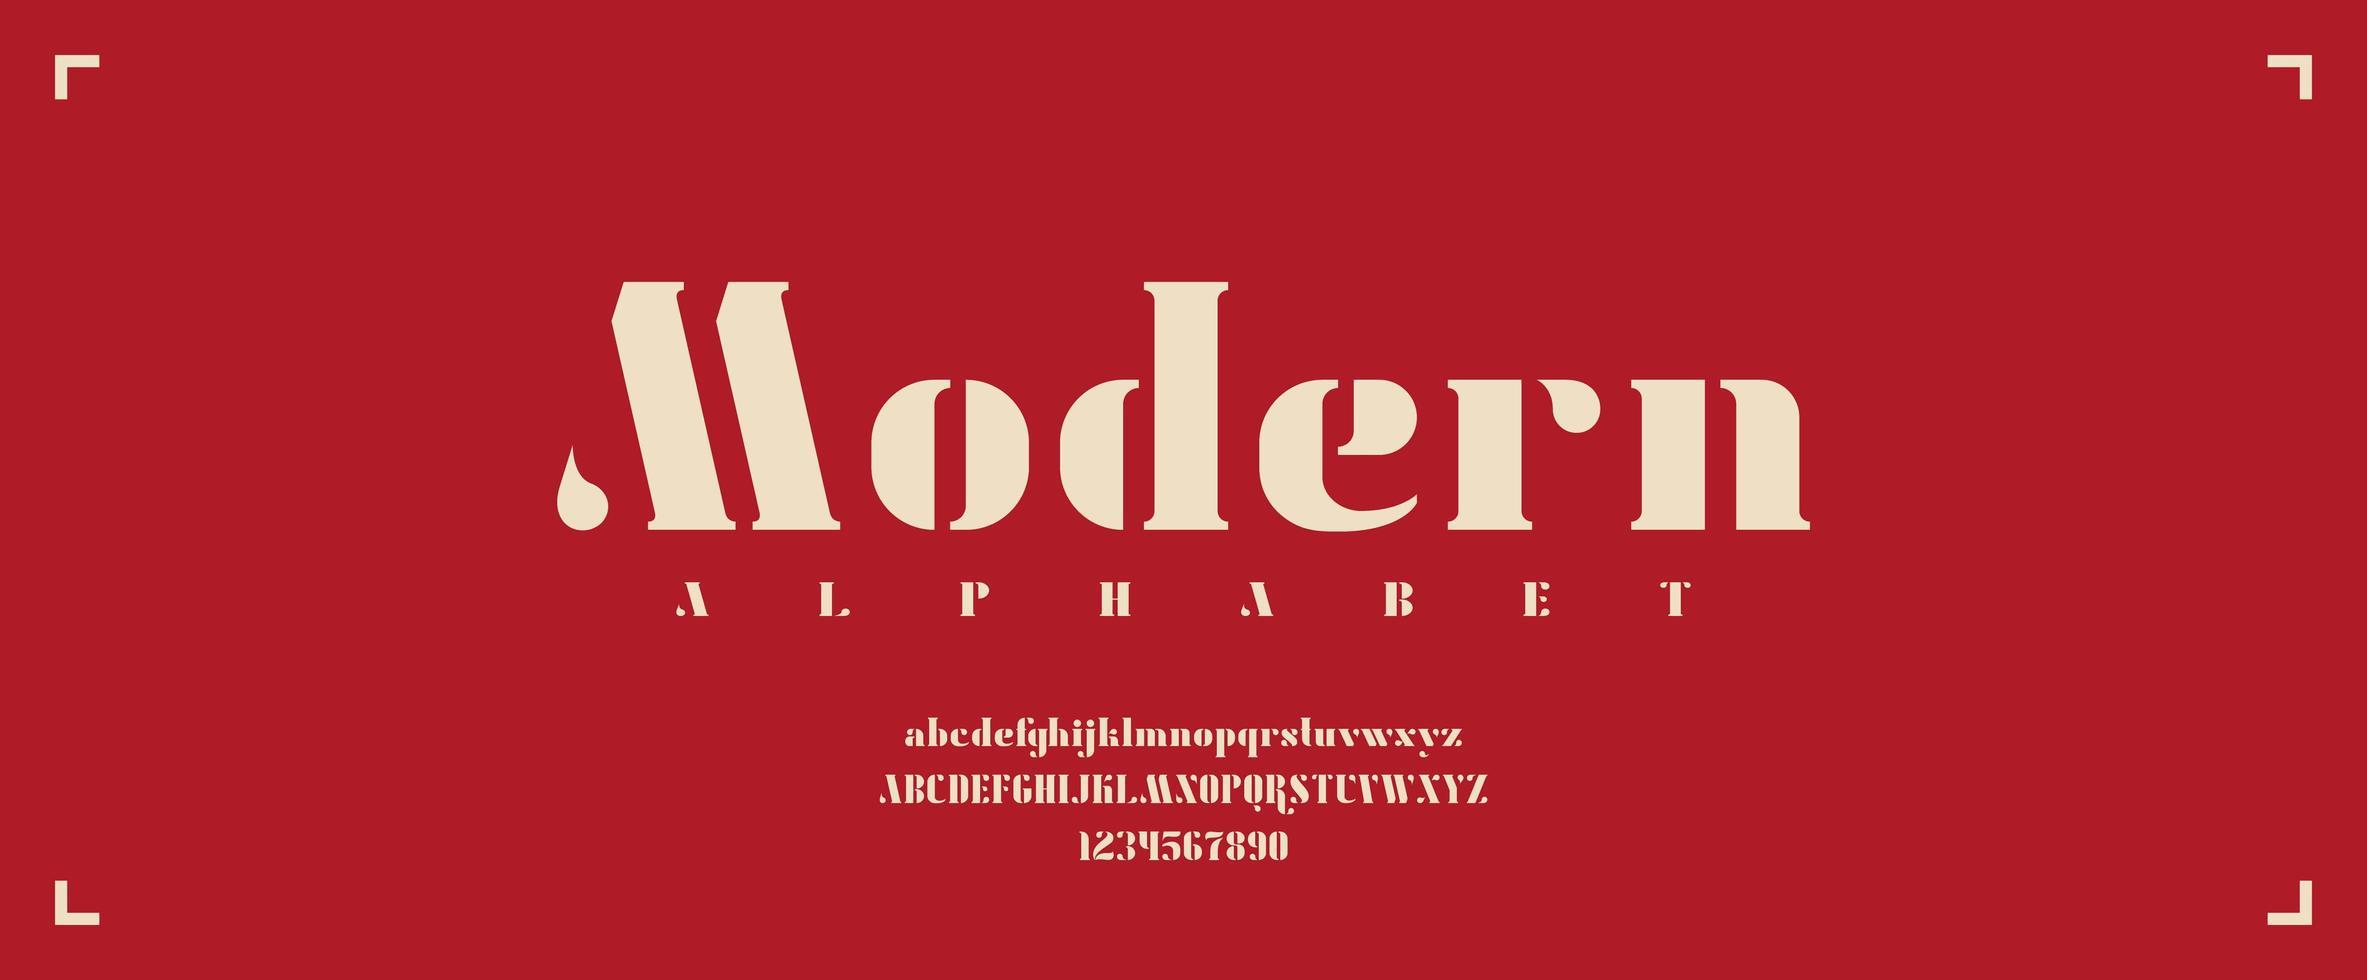 grassetto serif carattere moderno con lettere maiuscole e minuscole vettore